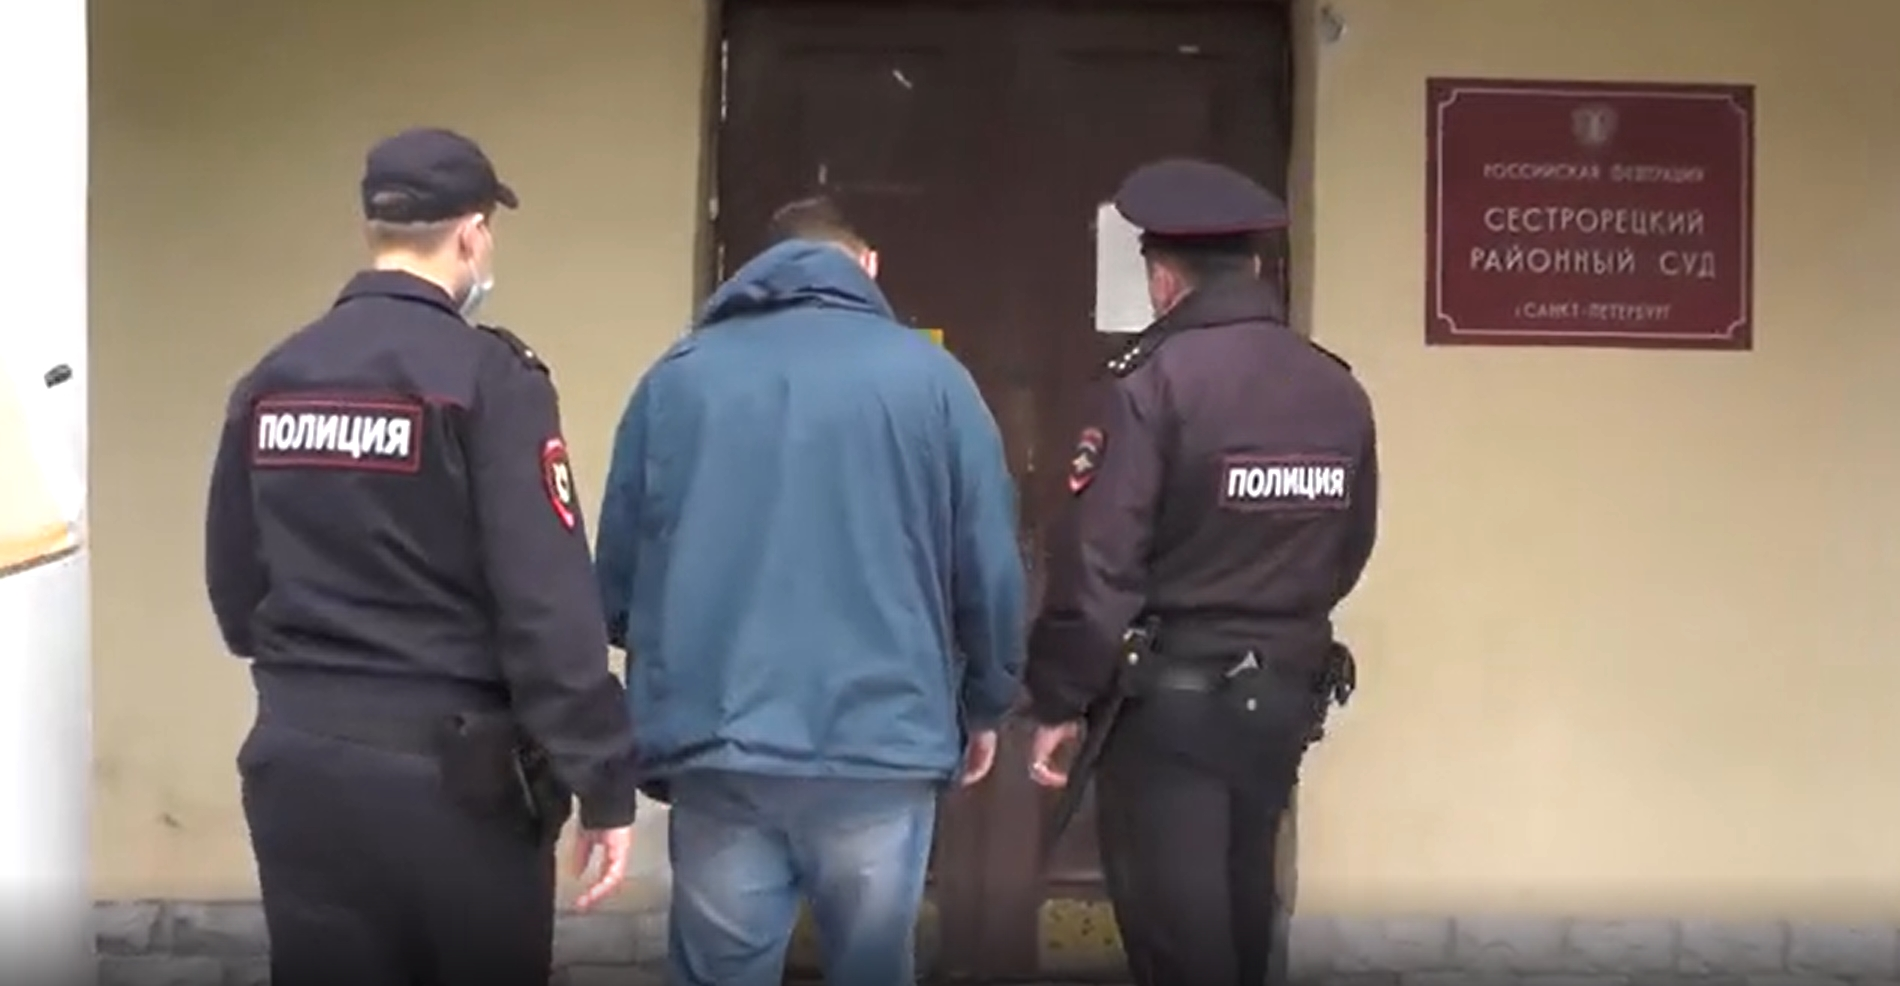 Полиция Курортного района задержала подозреваемых в мошенничестве